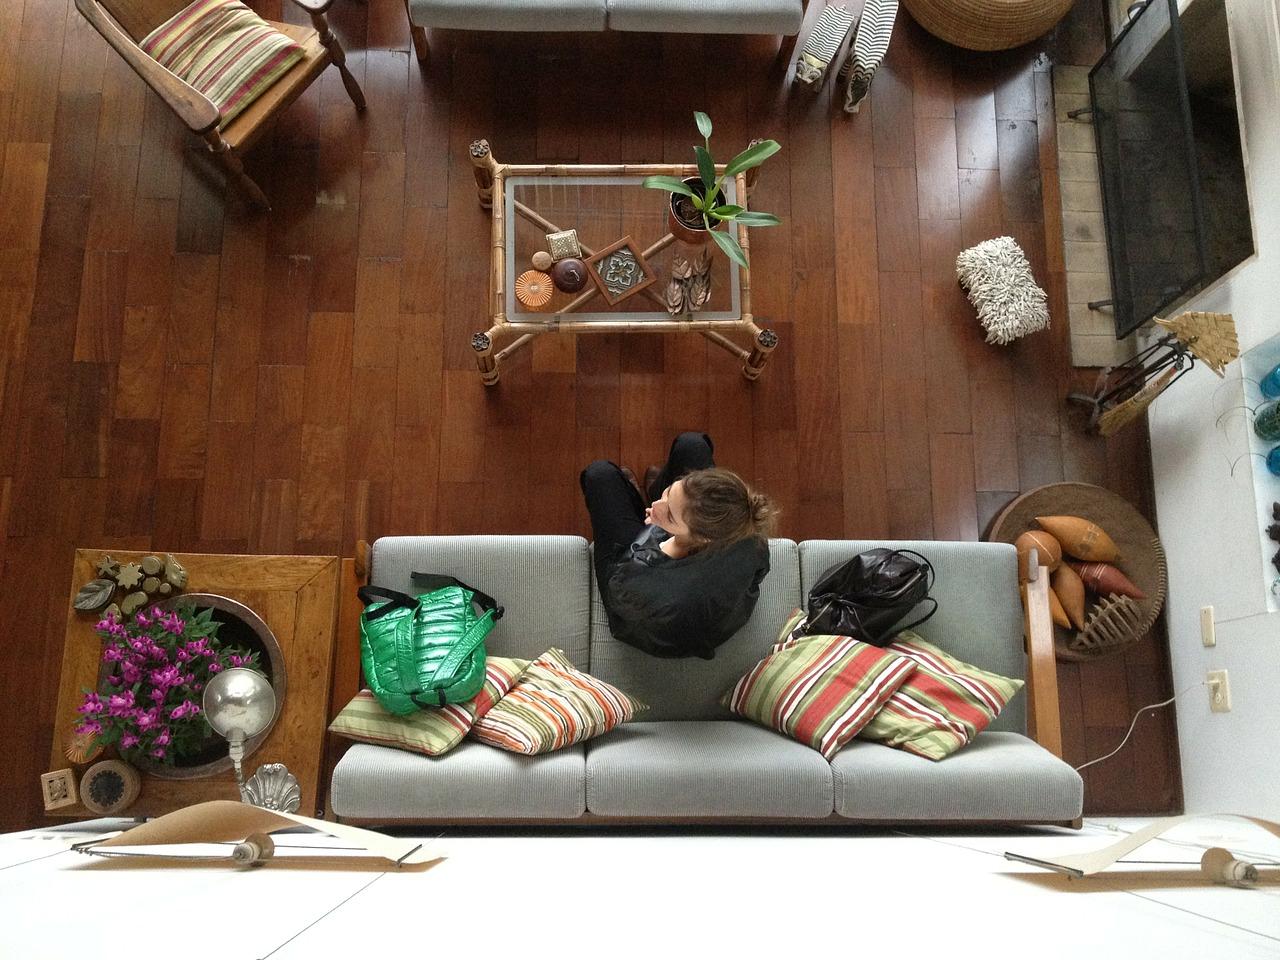 【2017年版】センスの良いお部屋が簡単に見つかる。国内のおしゃれな不動産サイトまとめ30選